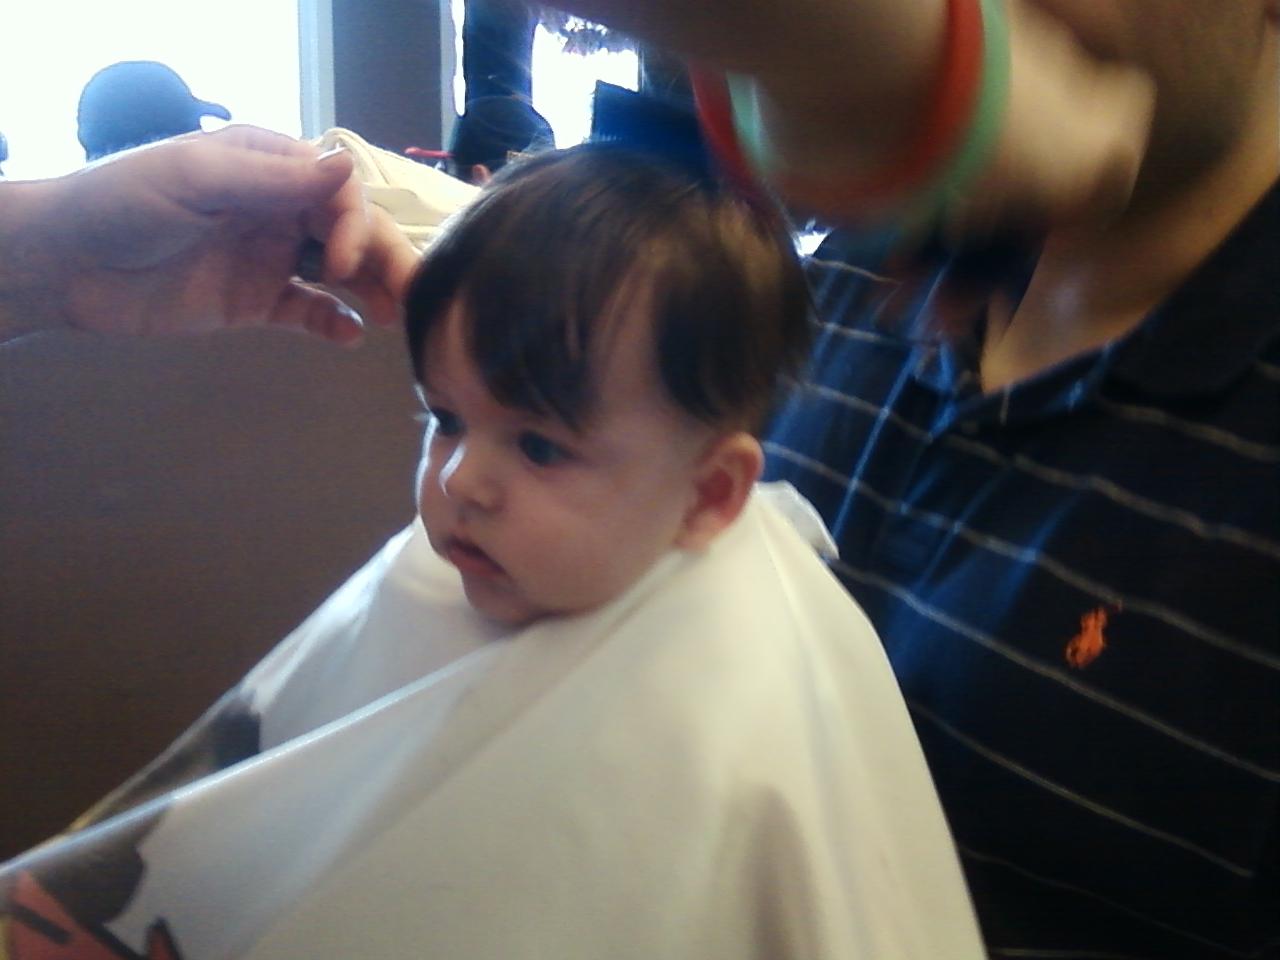 [haircut]